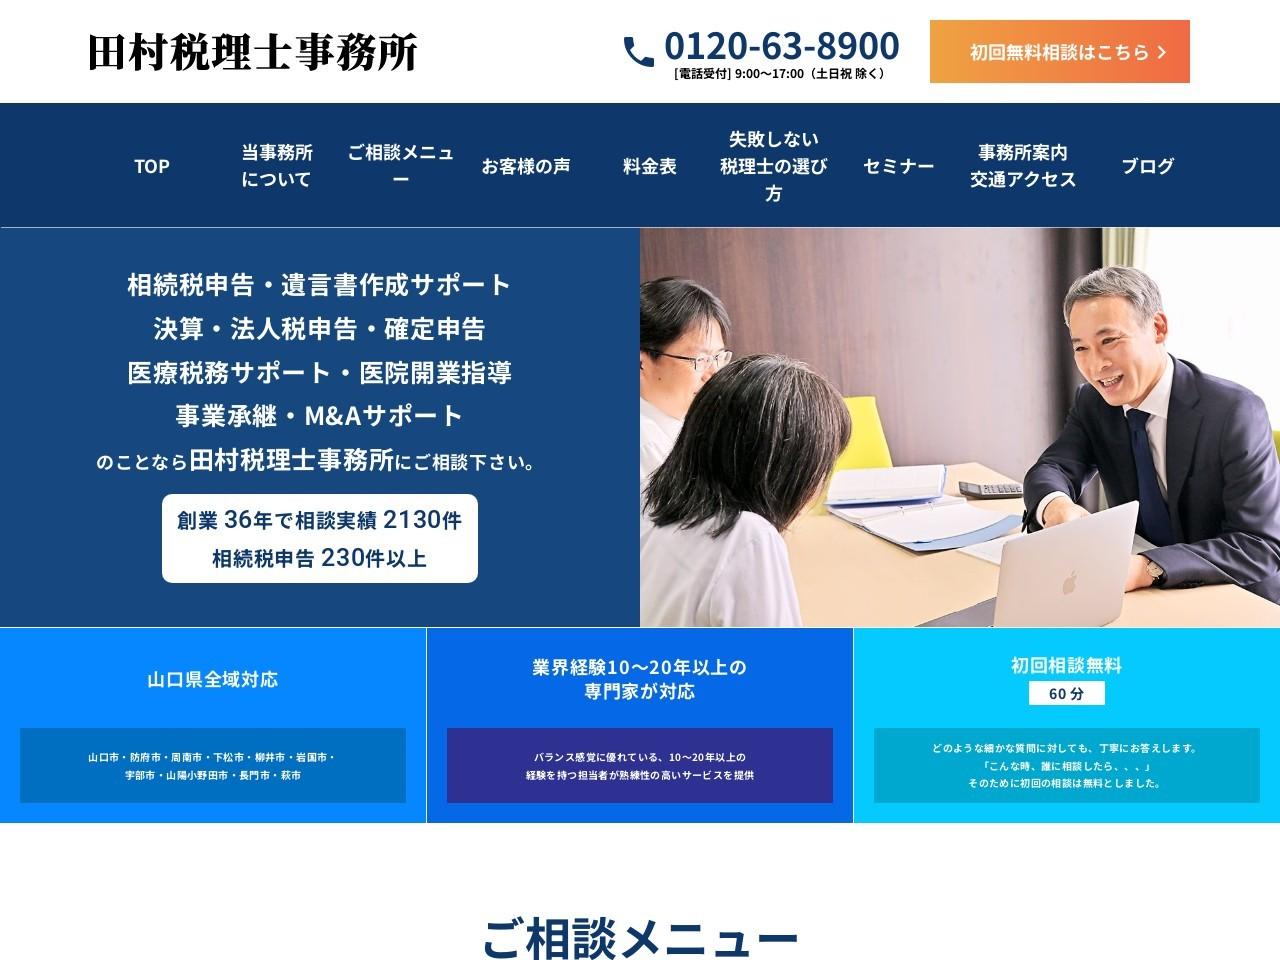 田村滋規税理士事務所